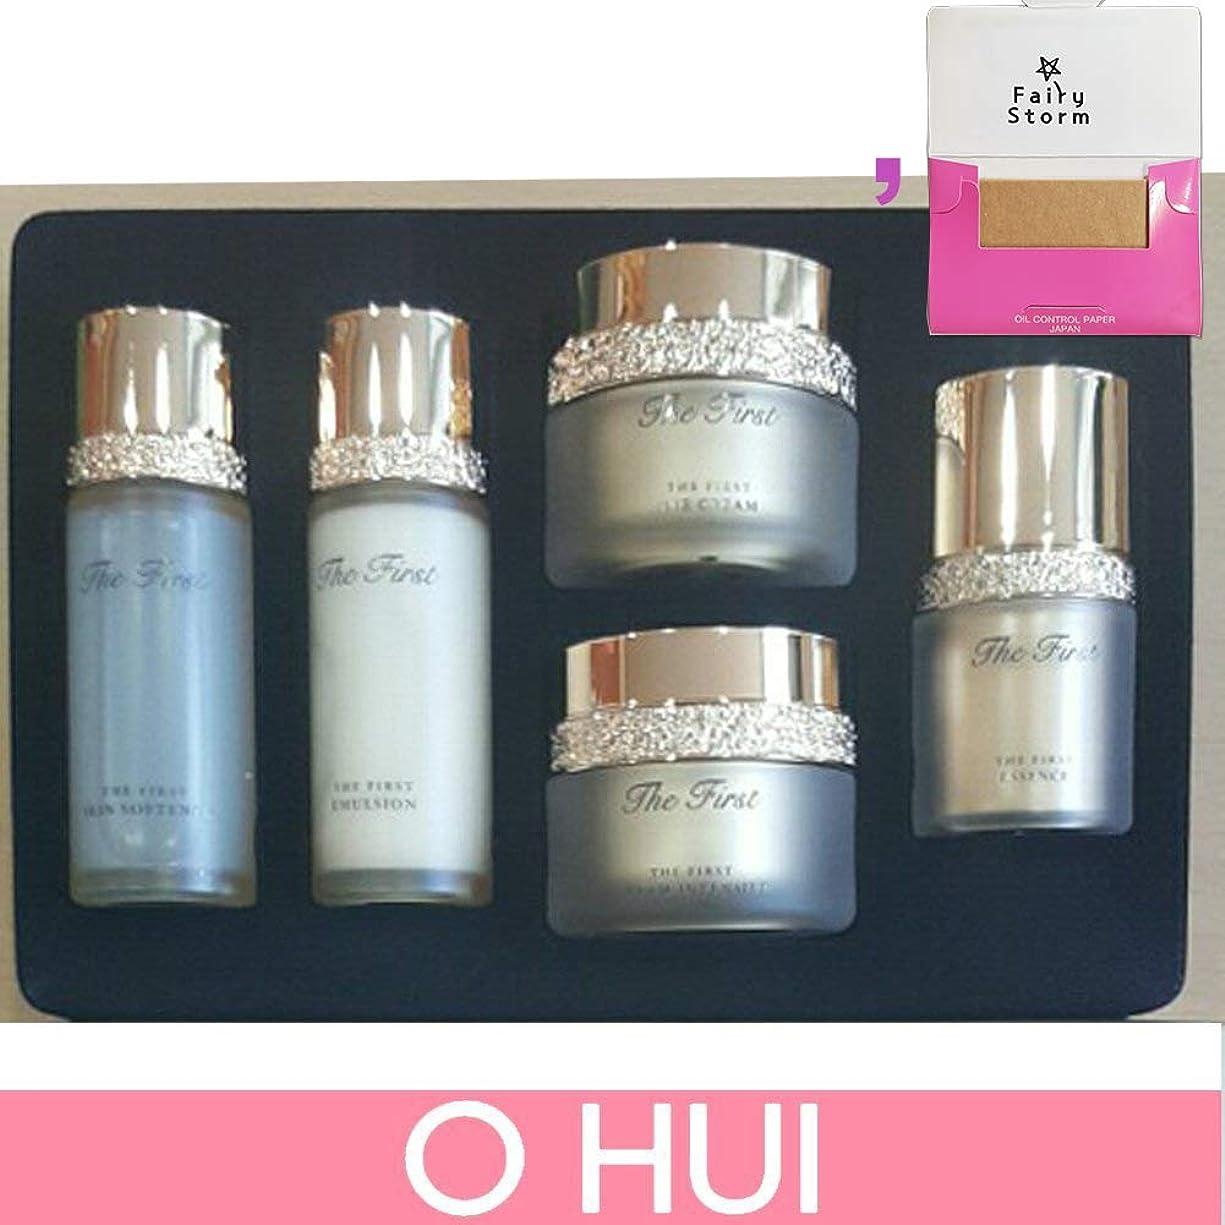 フェンスインク下に【オフィ/O HUI]韩国化妆品LG生活健康/オフィスよりファースト5種のスペシャルキット/OHUI the First Cell Revolution5pcs Special Kit Set+[Sample Gift](海外直送品)